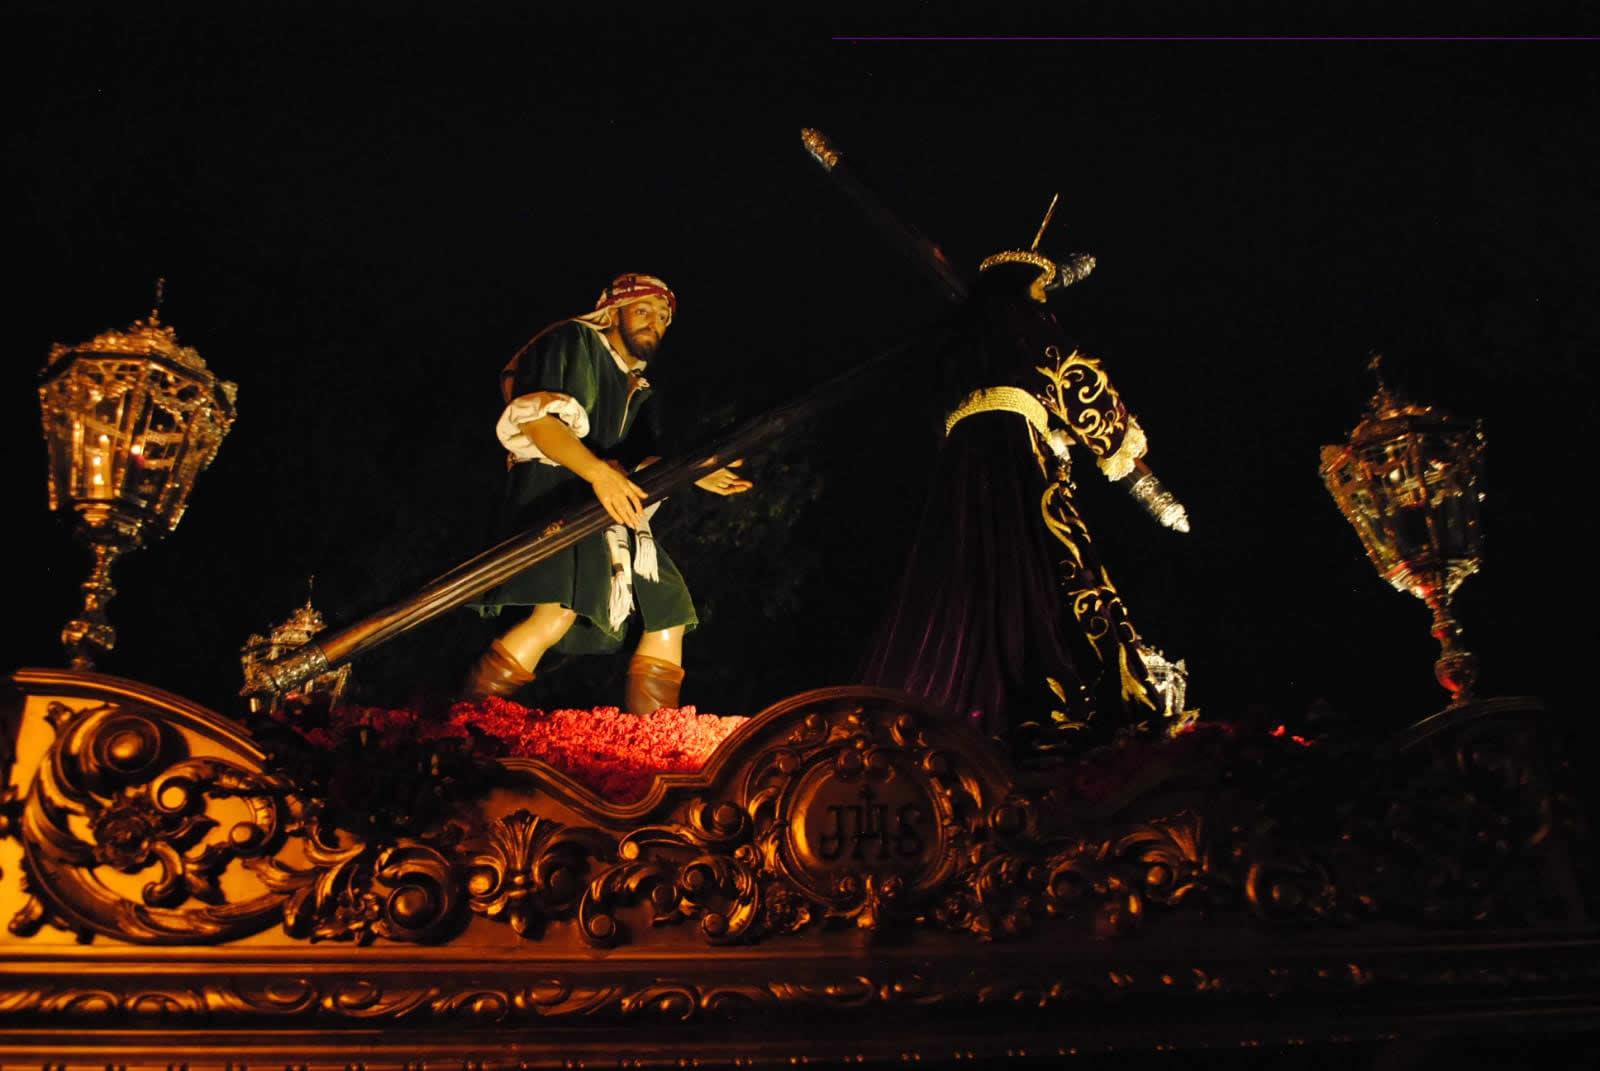 El Señor de San Juan acompañado de la Virgen de la Esperanza procesionó en el silencio de la madrugada